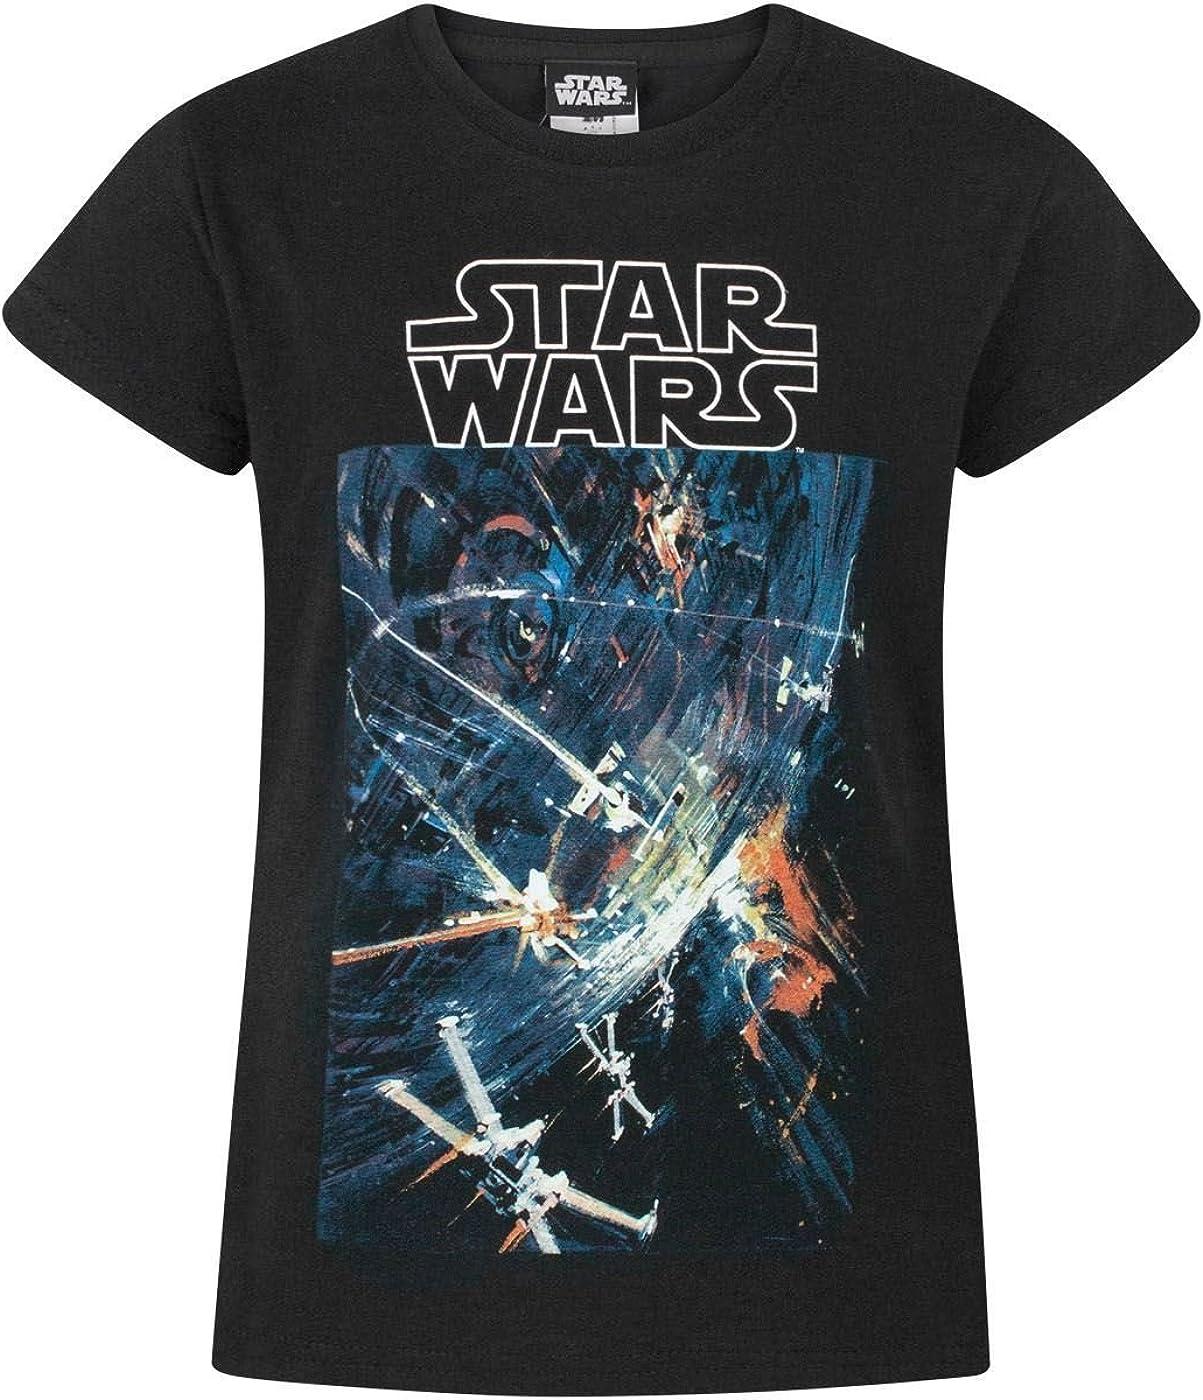 Star Wars La Camiseta Estrella de la Muerte Negro Corto Manga de la Muchacha: Amazon.es: Ropa y accesorios